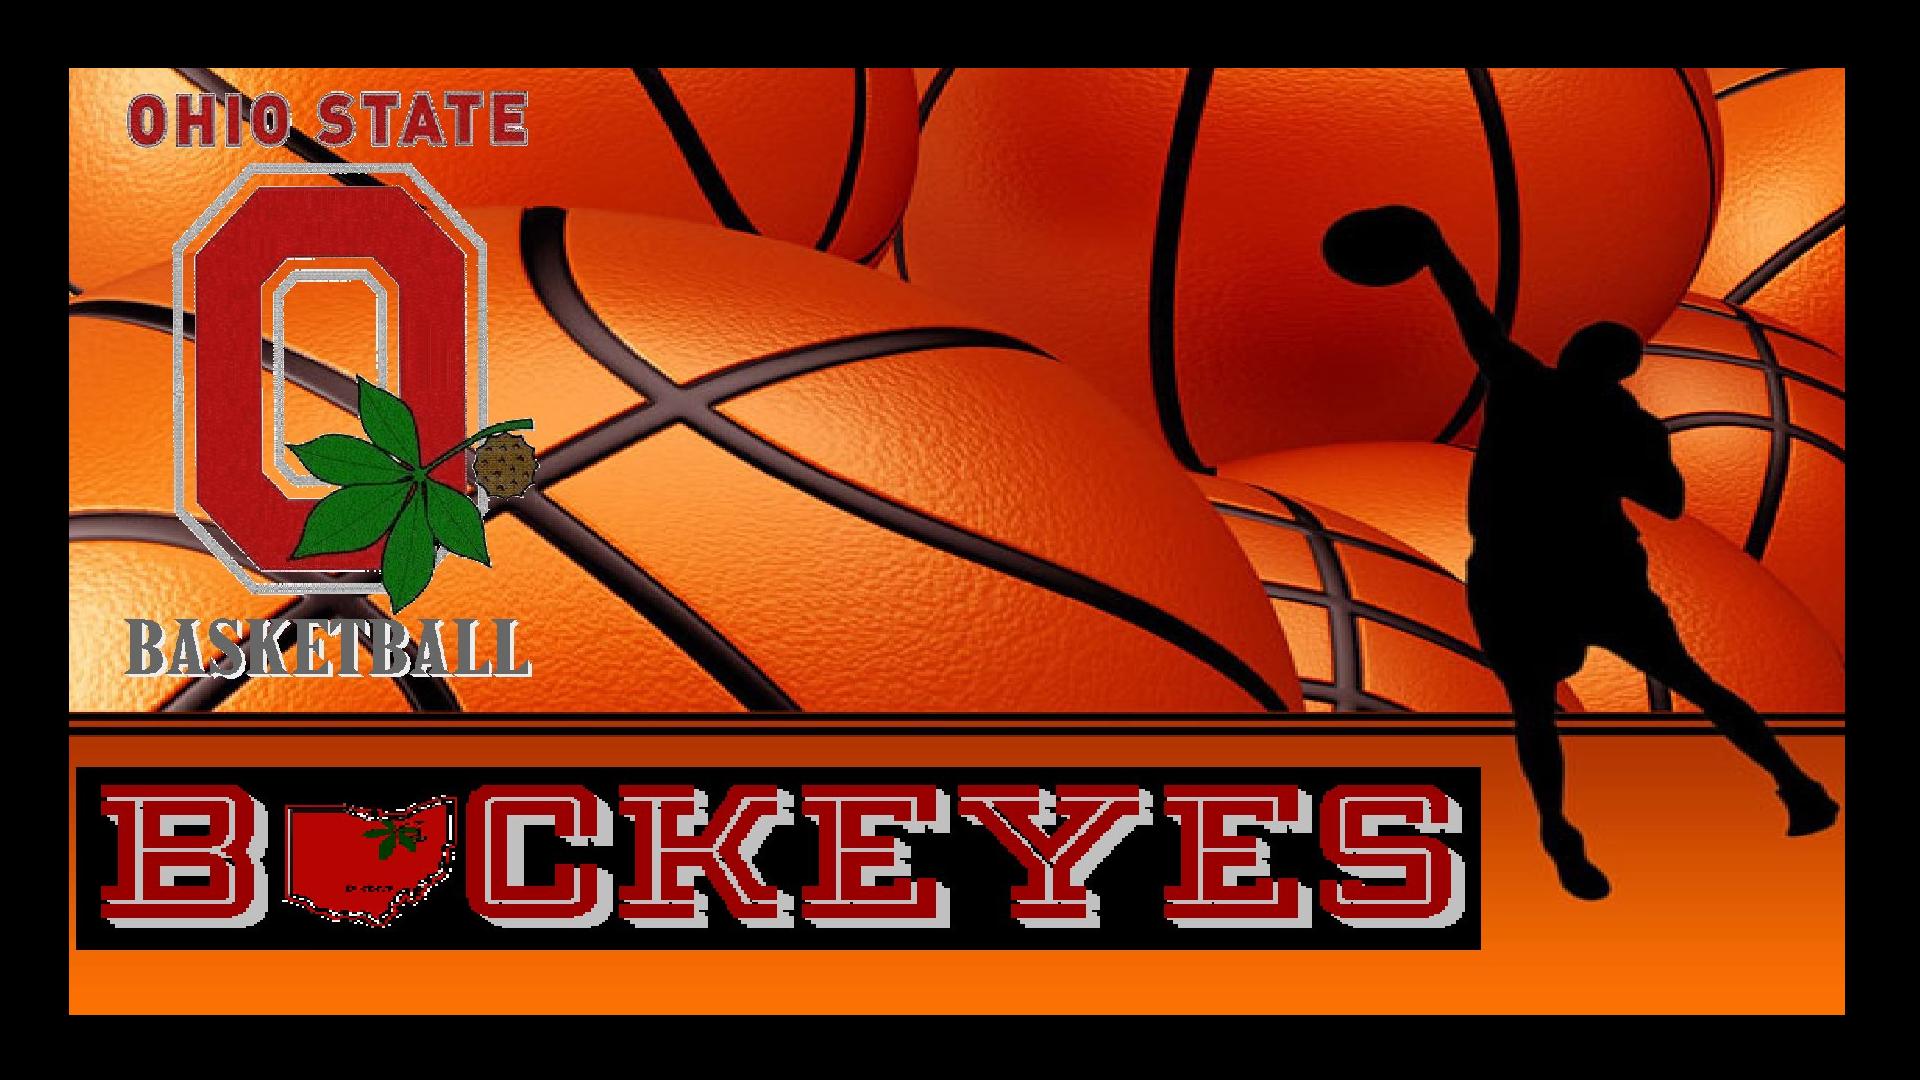 OSU BUCKEYES basketbal PLAYER SILLHOUTTE